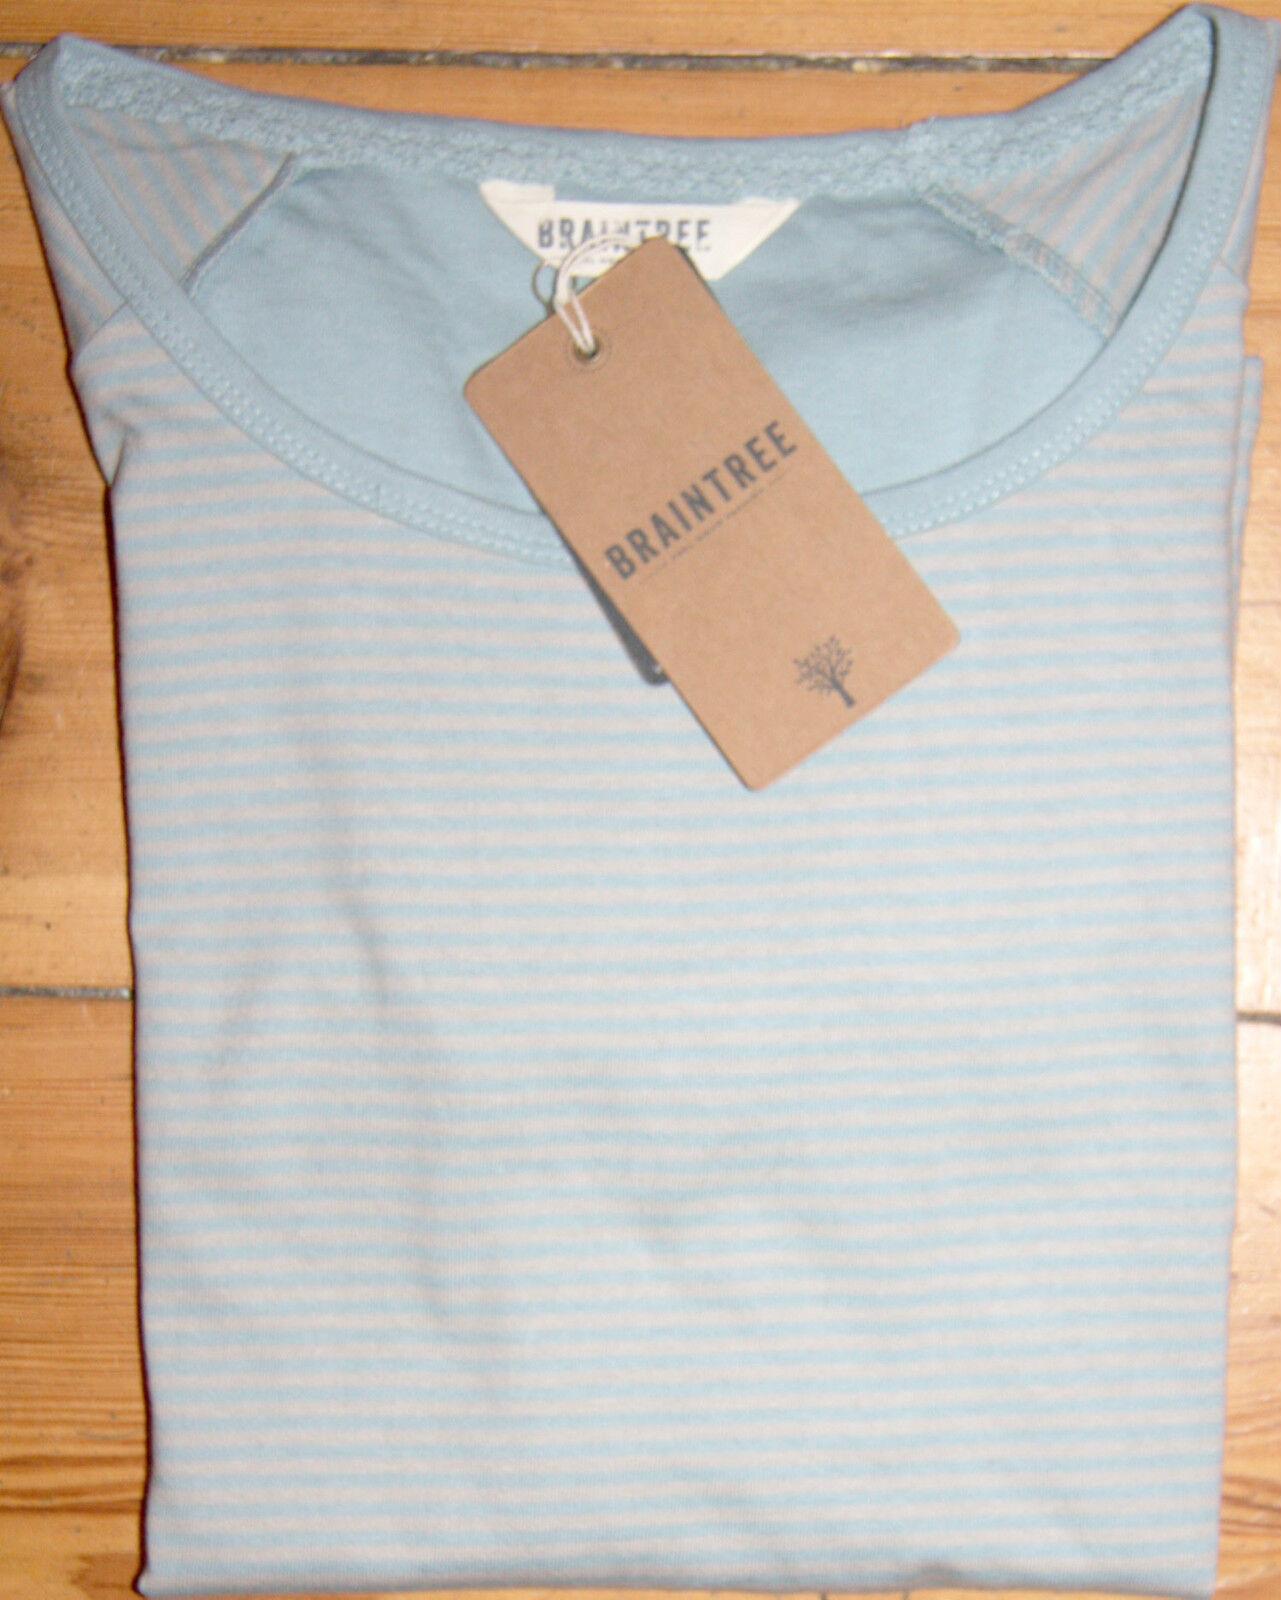 Braintree Striped-Shirt  Makai Tee  Mist 3 4 Armlänge Größe  10 entspr. M  Neu | Moderate Kosten  | Jeder beschriebene Artikel ist verfügbar  | Auktion  | Charakteristisch  | Shop